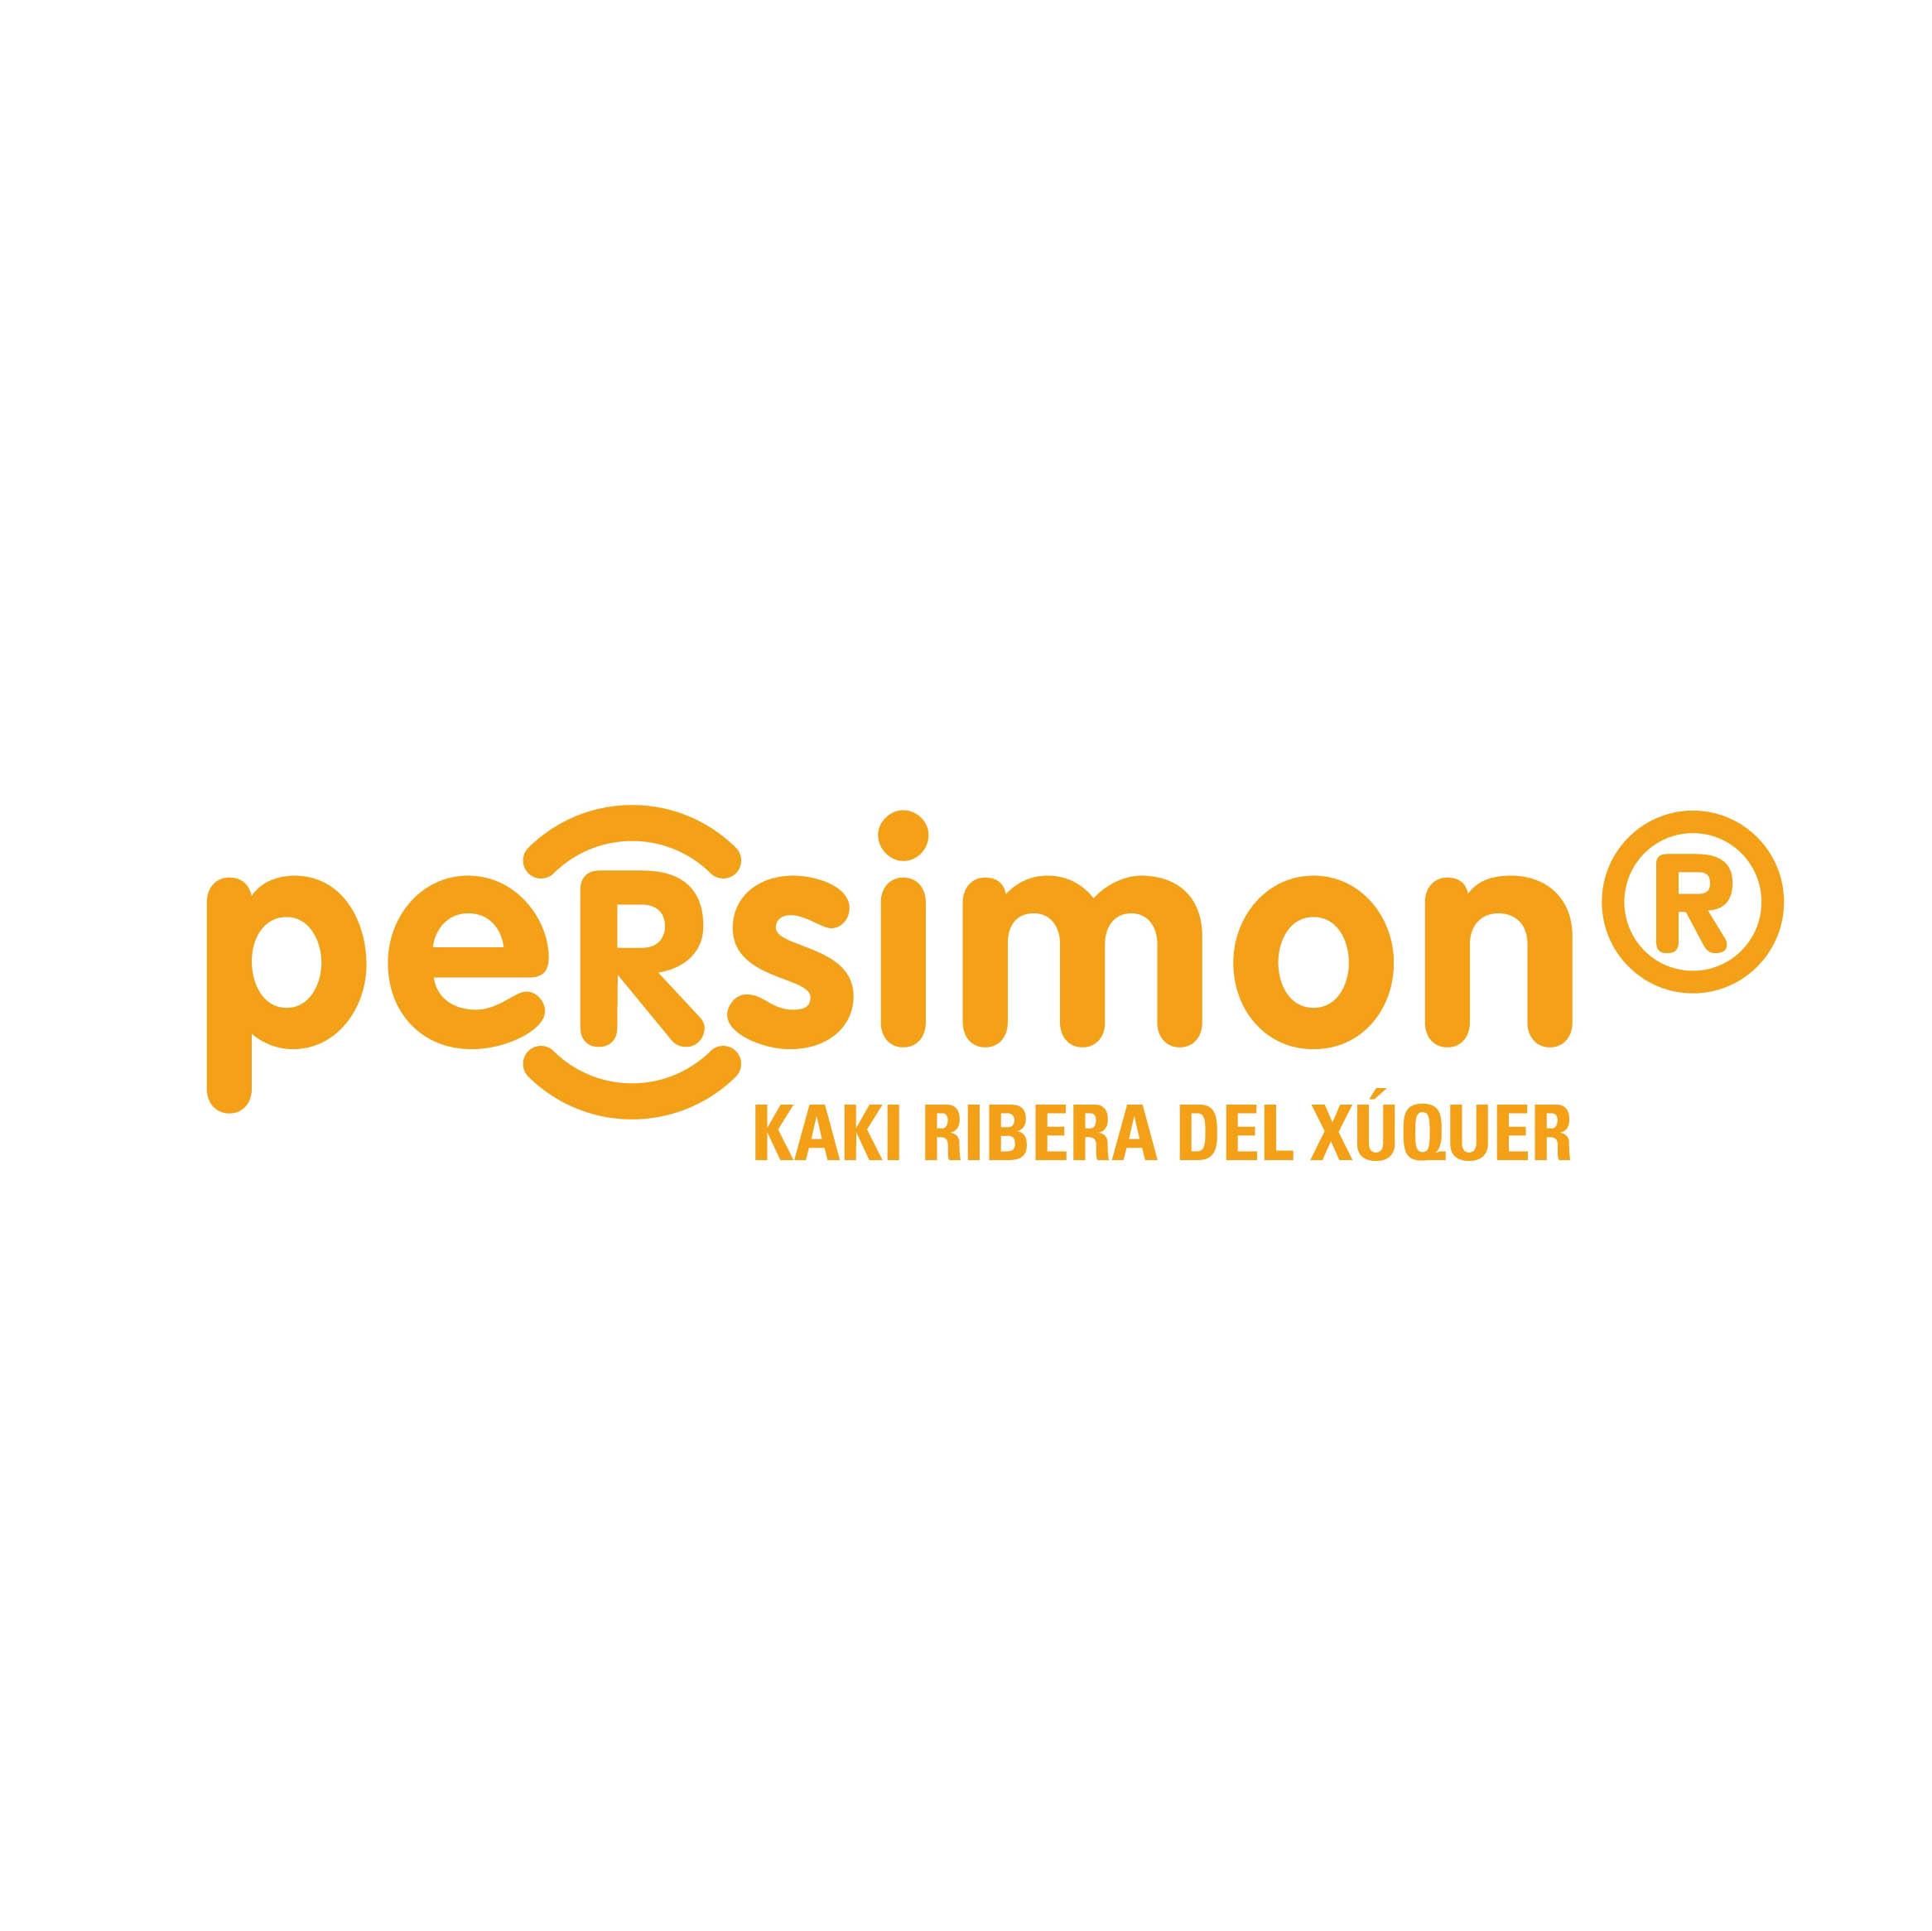 Thanks to Persimon!